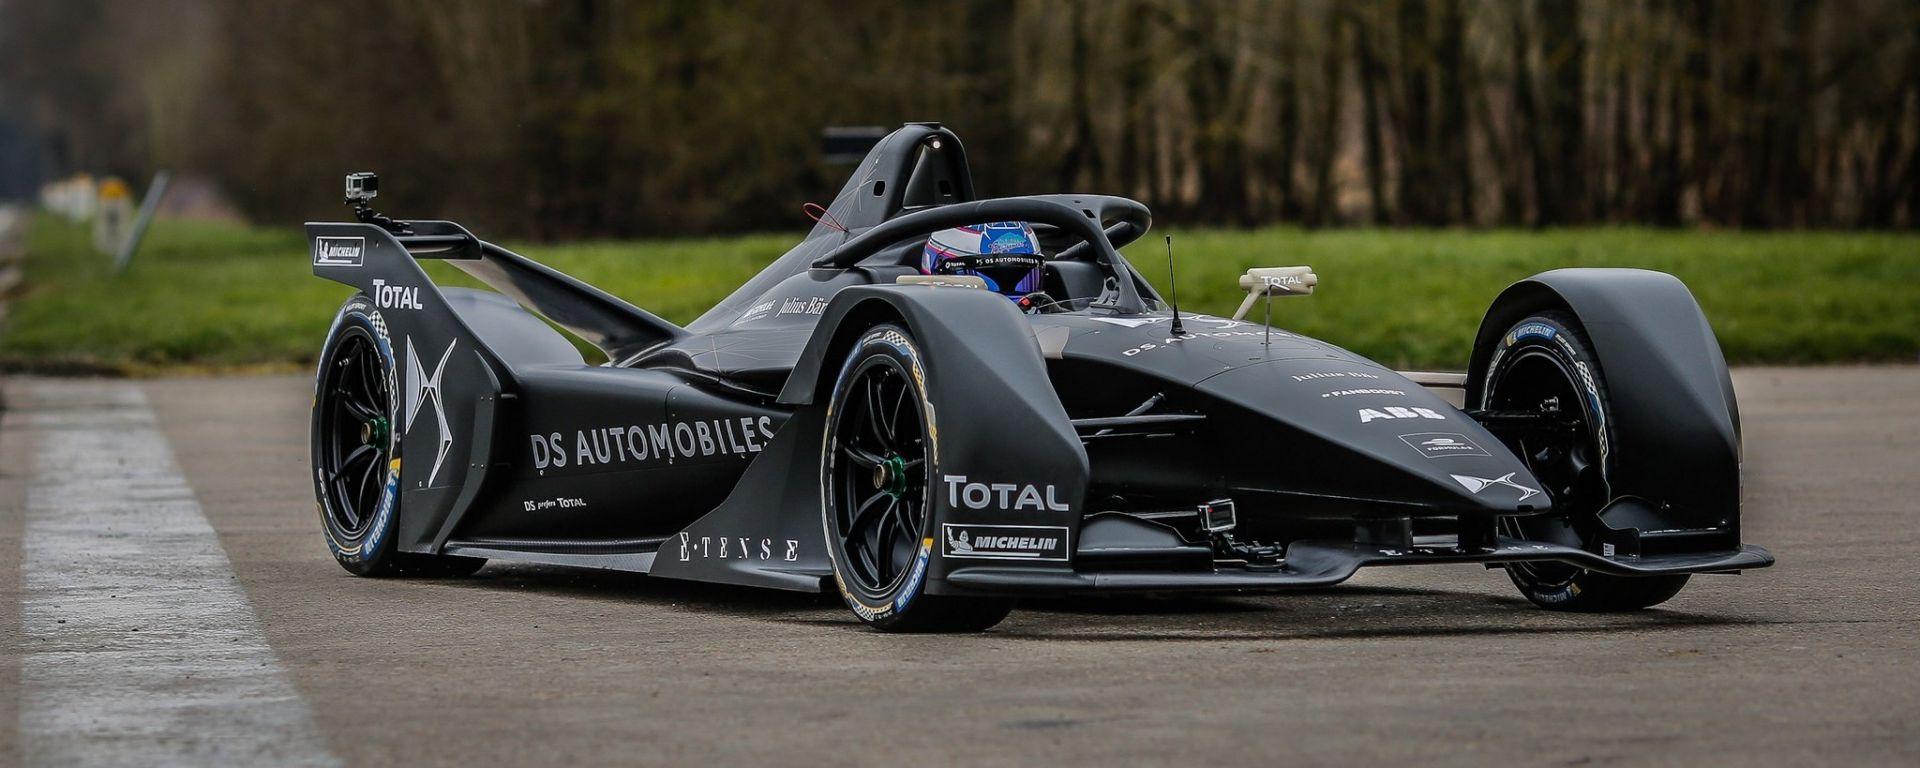 La nuova Formula E 2019 di DS Virgin Racing, la DS E-Tense, in pista - MotorBox